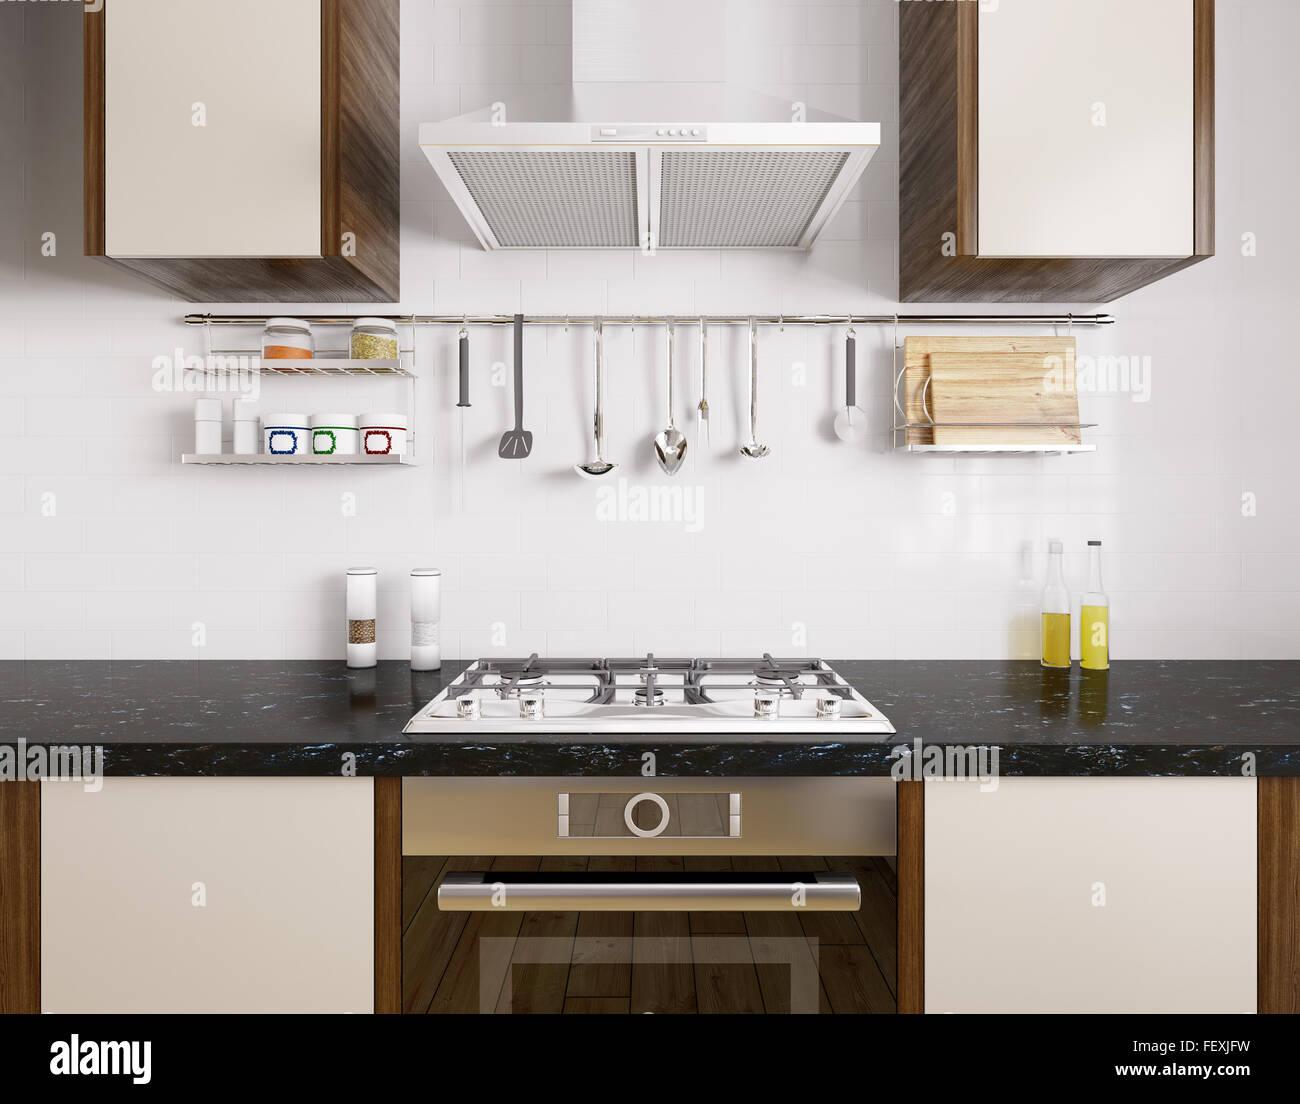 Moderne Küche mit schwarzem Granit, Backofen, Gasherd ...